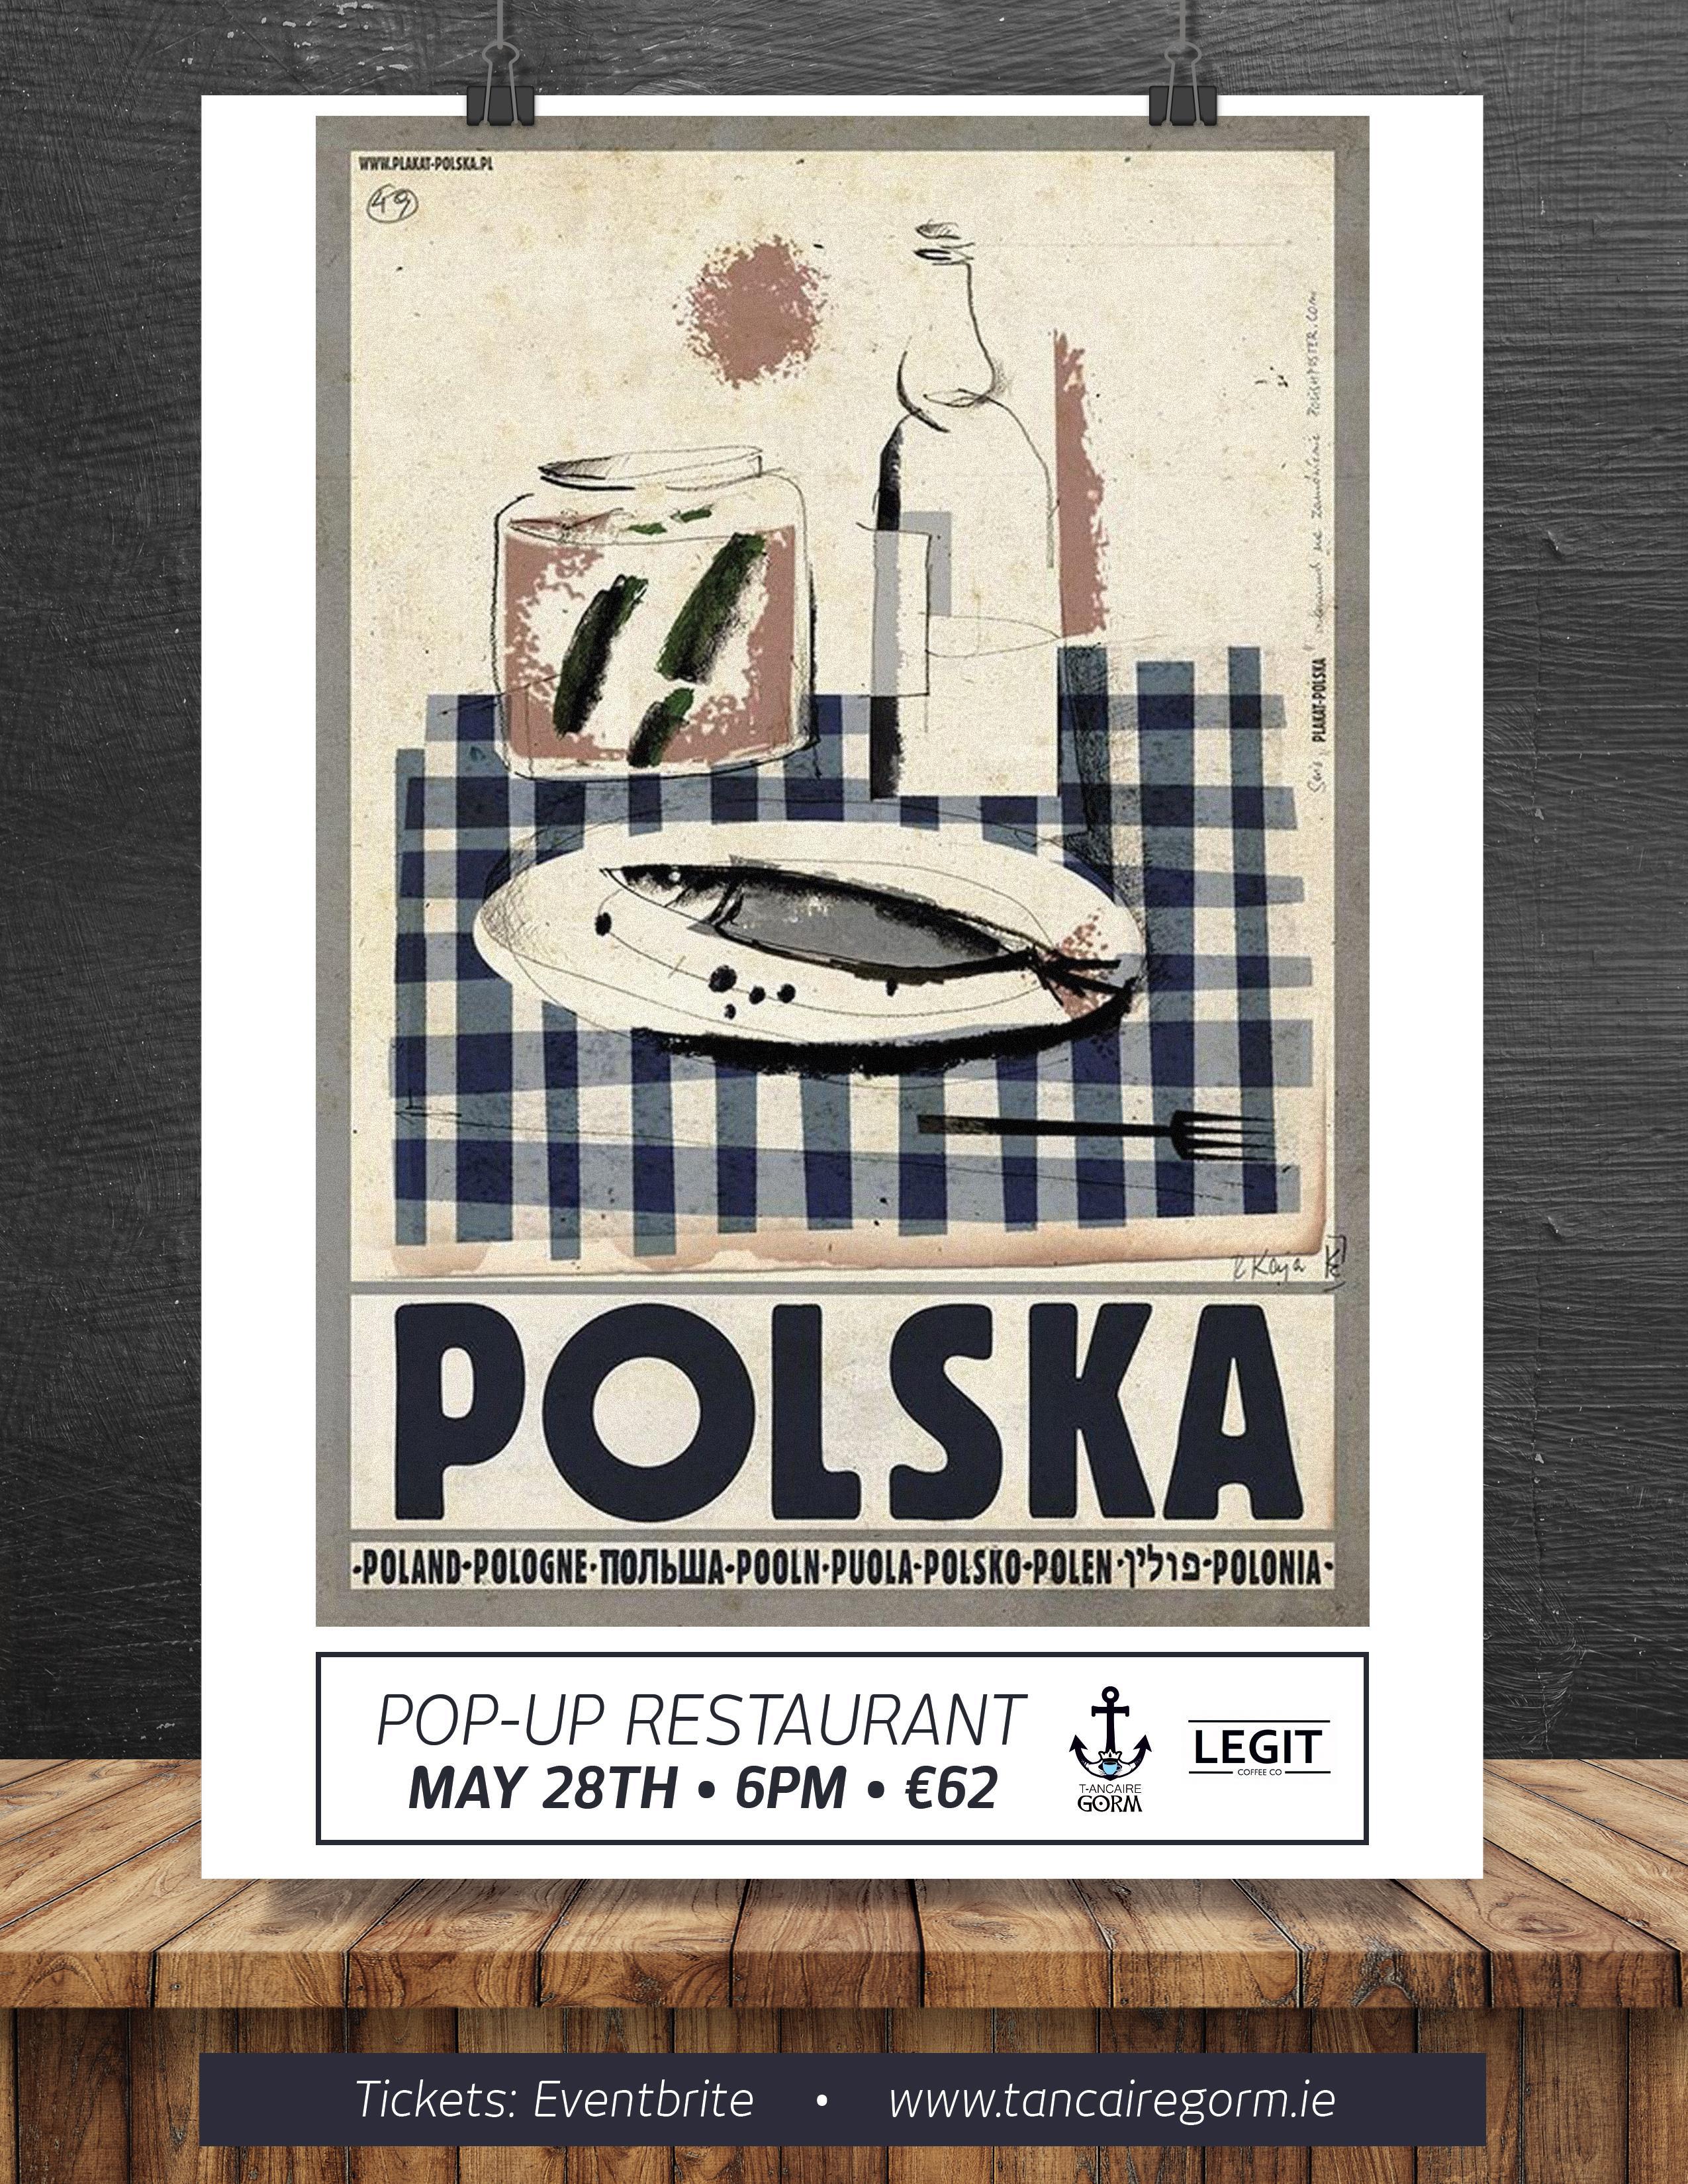 Tour de Pologne. Fine Polish Cuisine Pop-Up